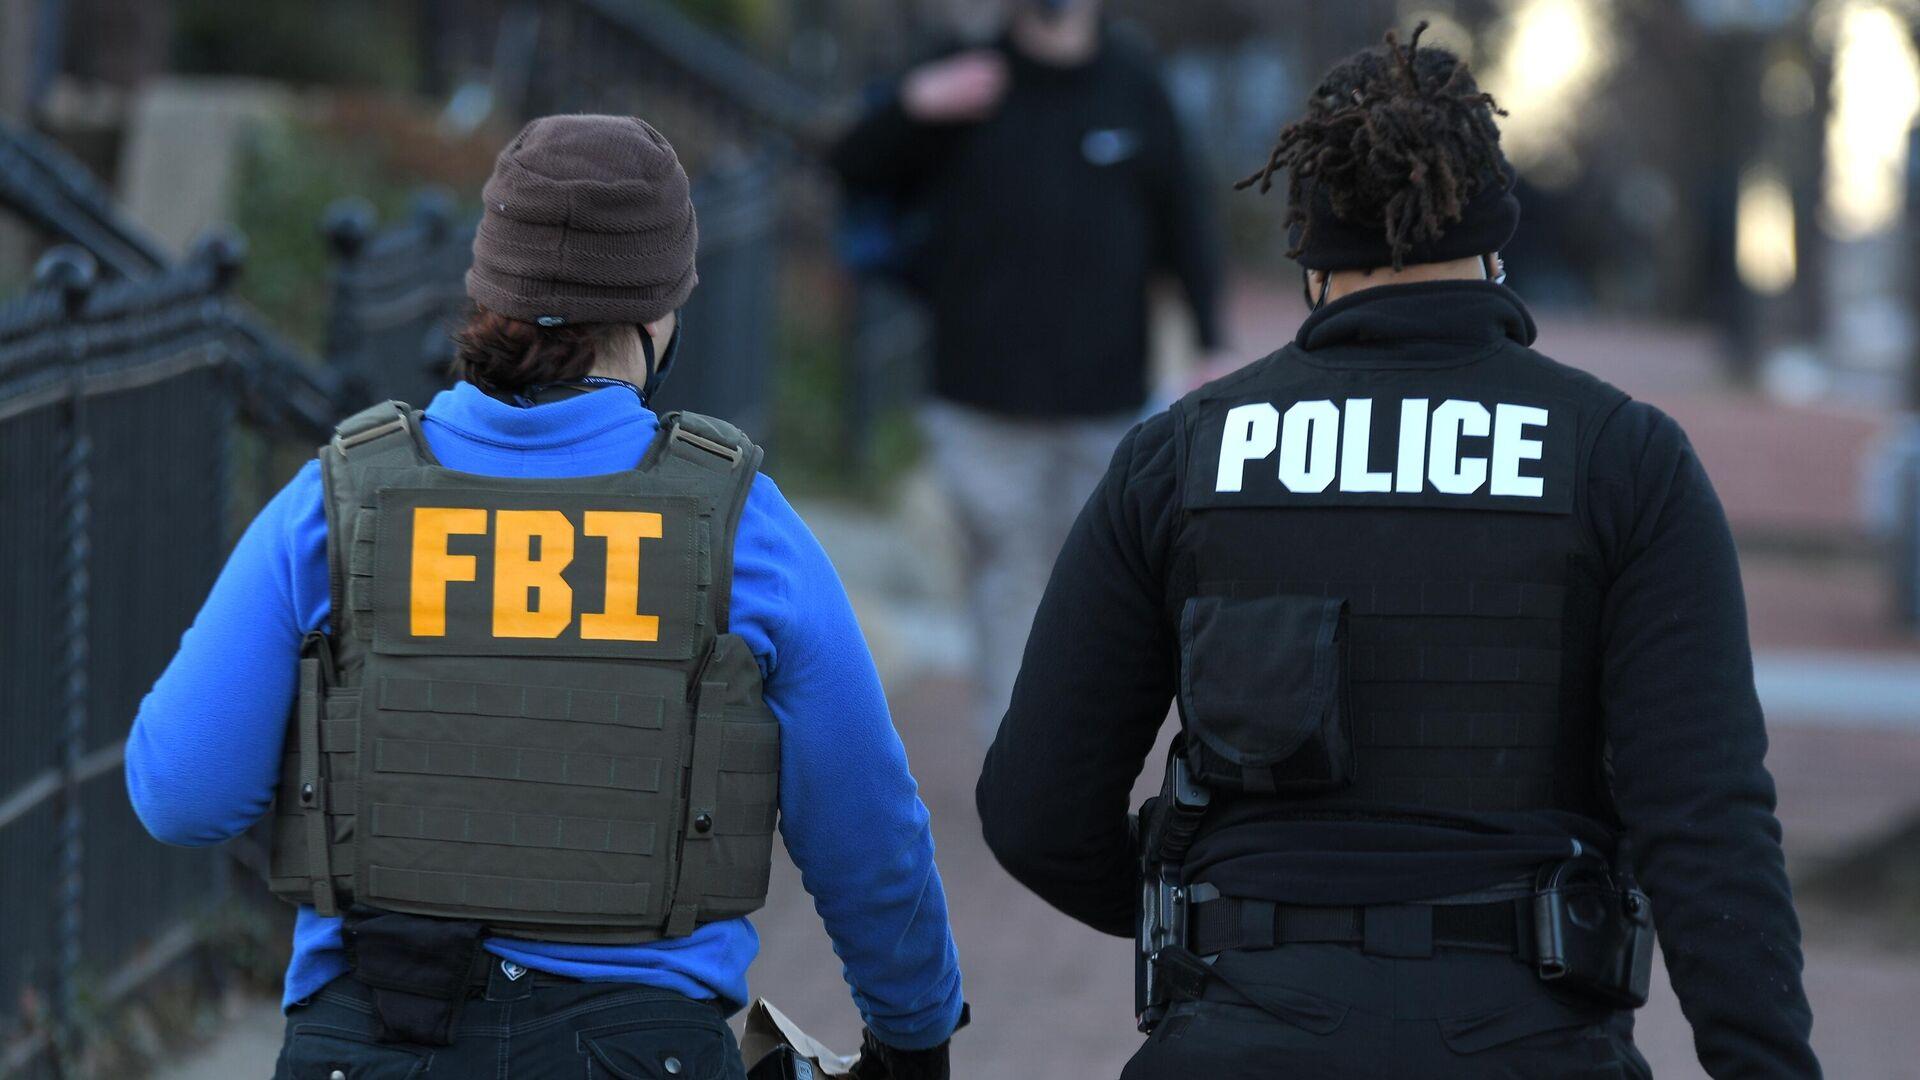 Сотрудники ФБР и полиции у здания Капитолия в Вашингтоне - РИА Новости, 1920, 03.03.2021